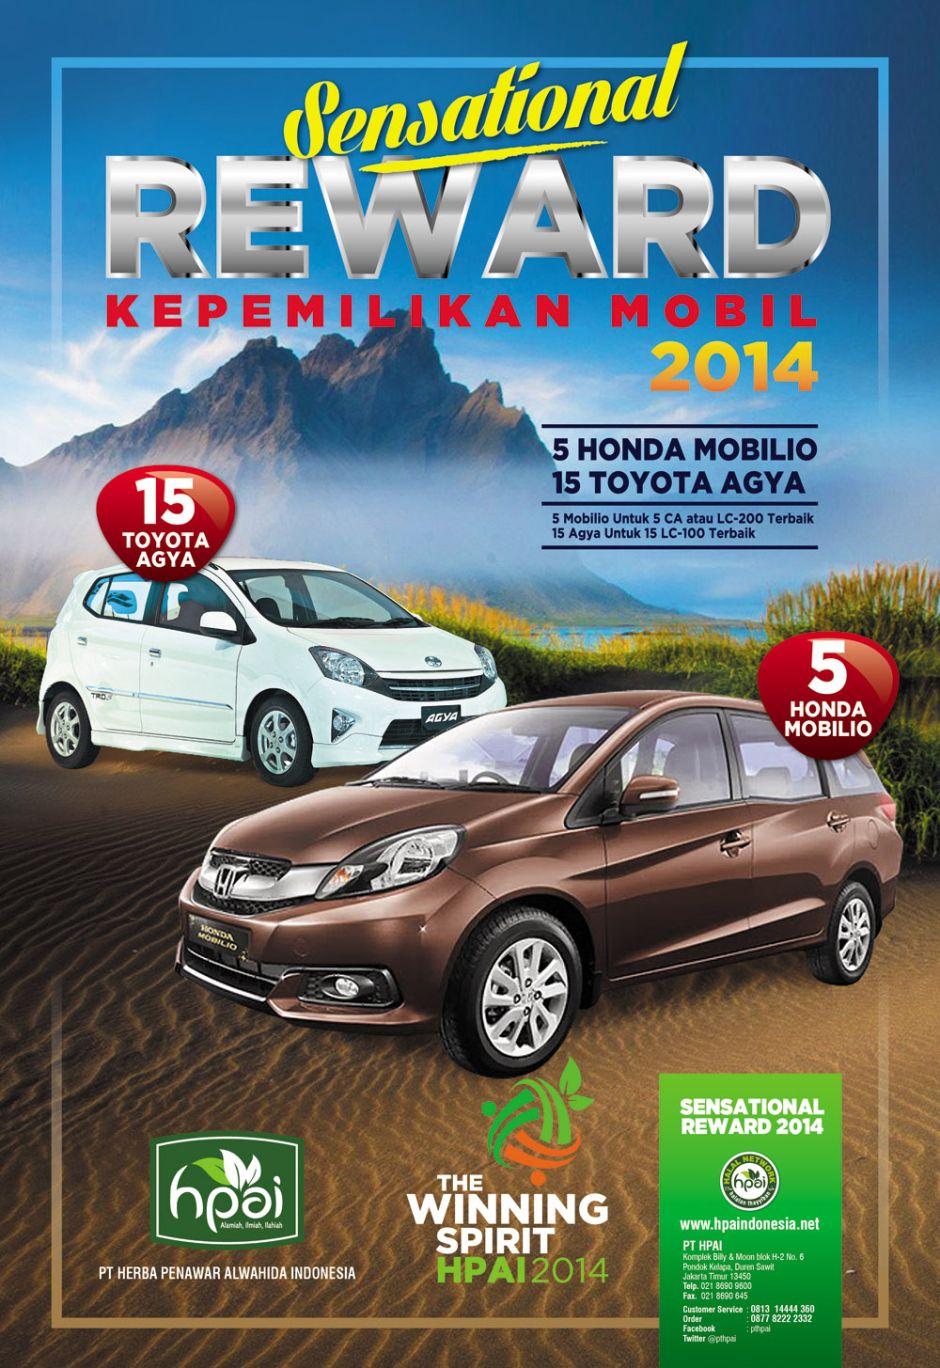 promo_sensaional reward 2014